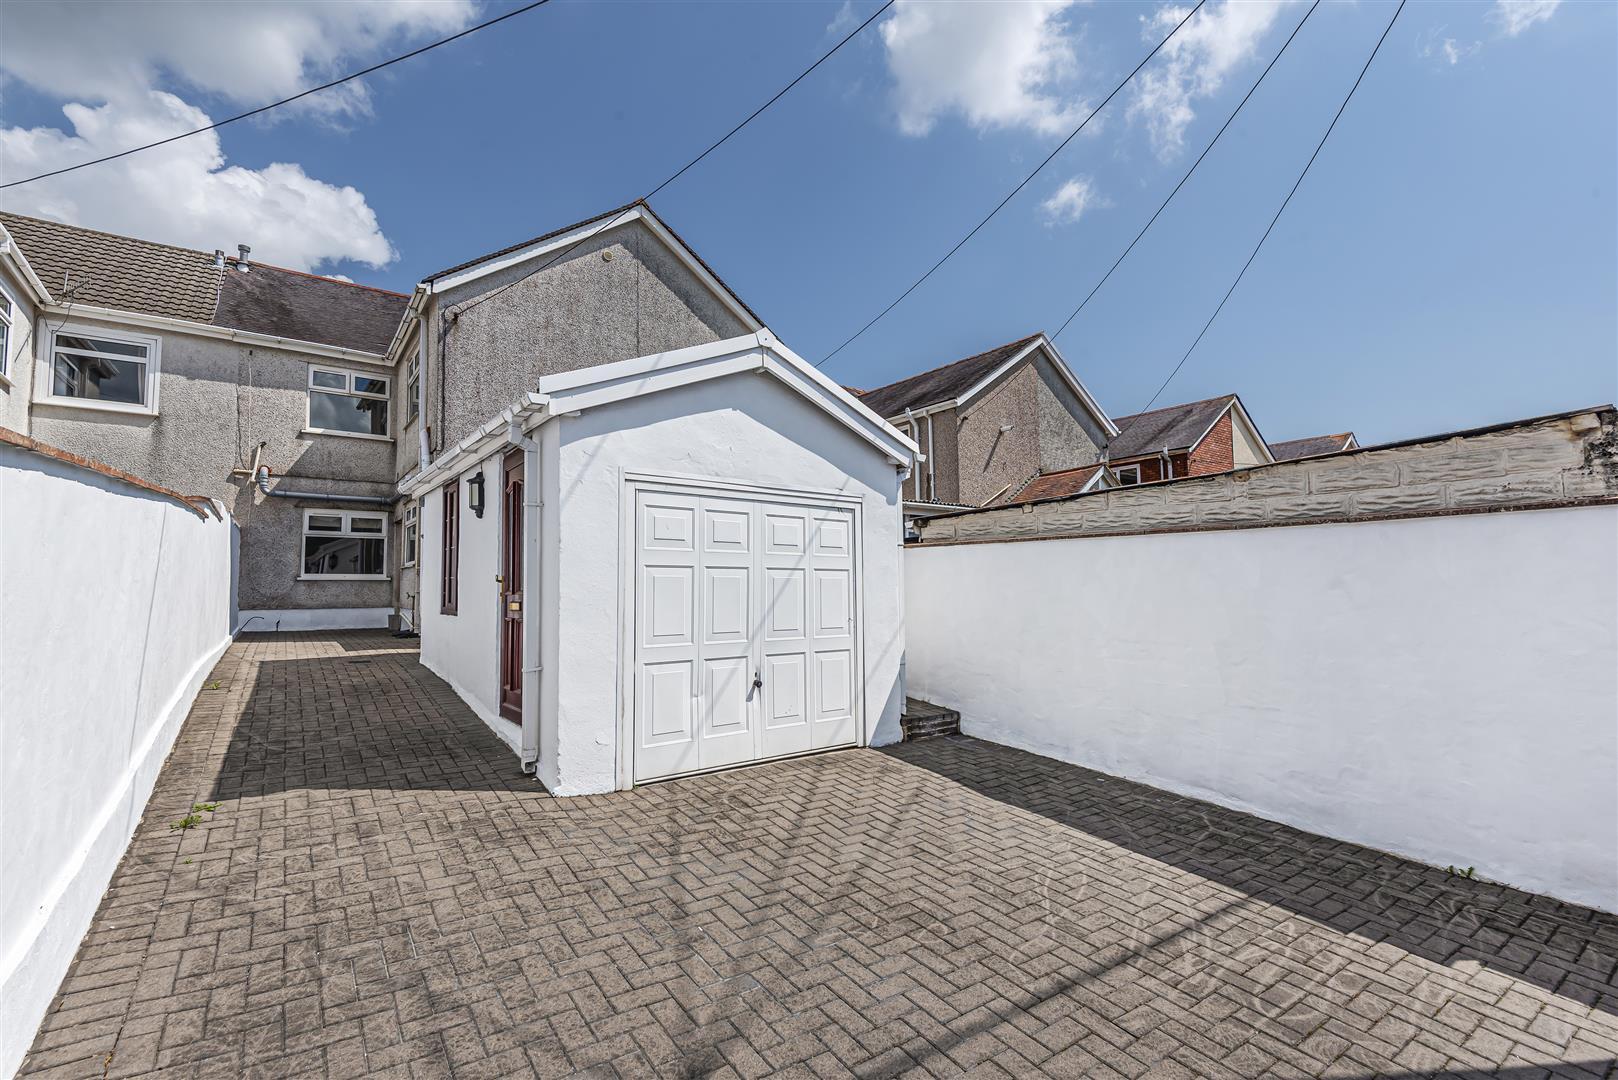 Kelvin Road, Clydach, Swansea, SA6 5JR